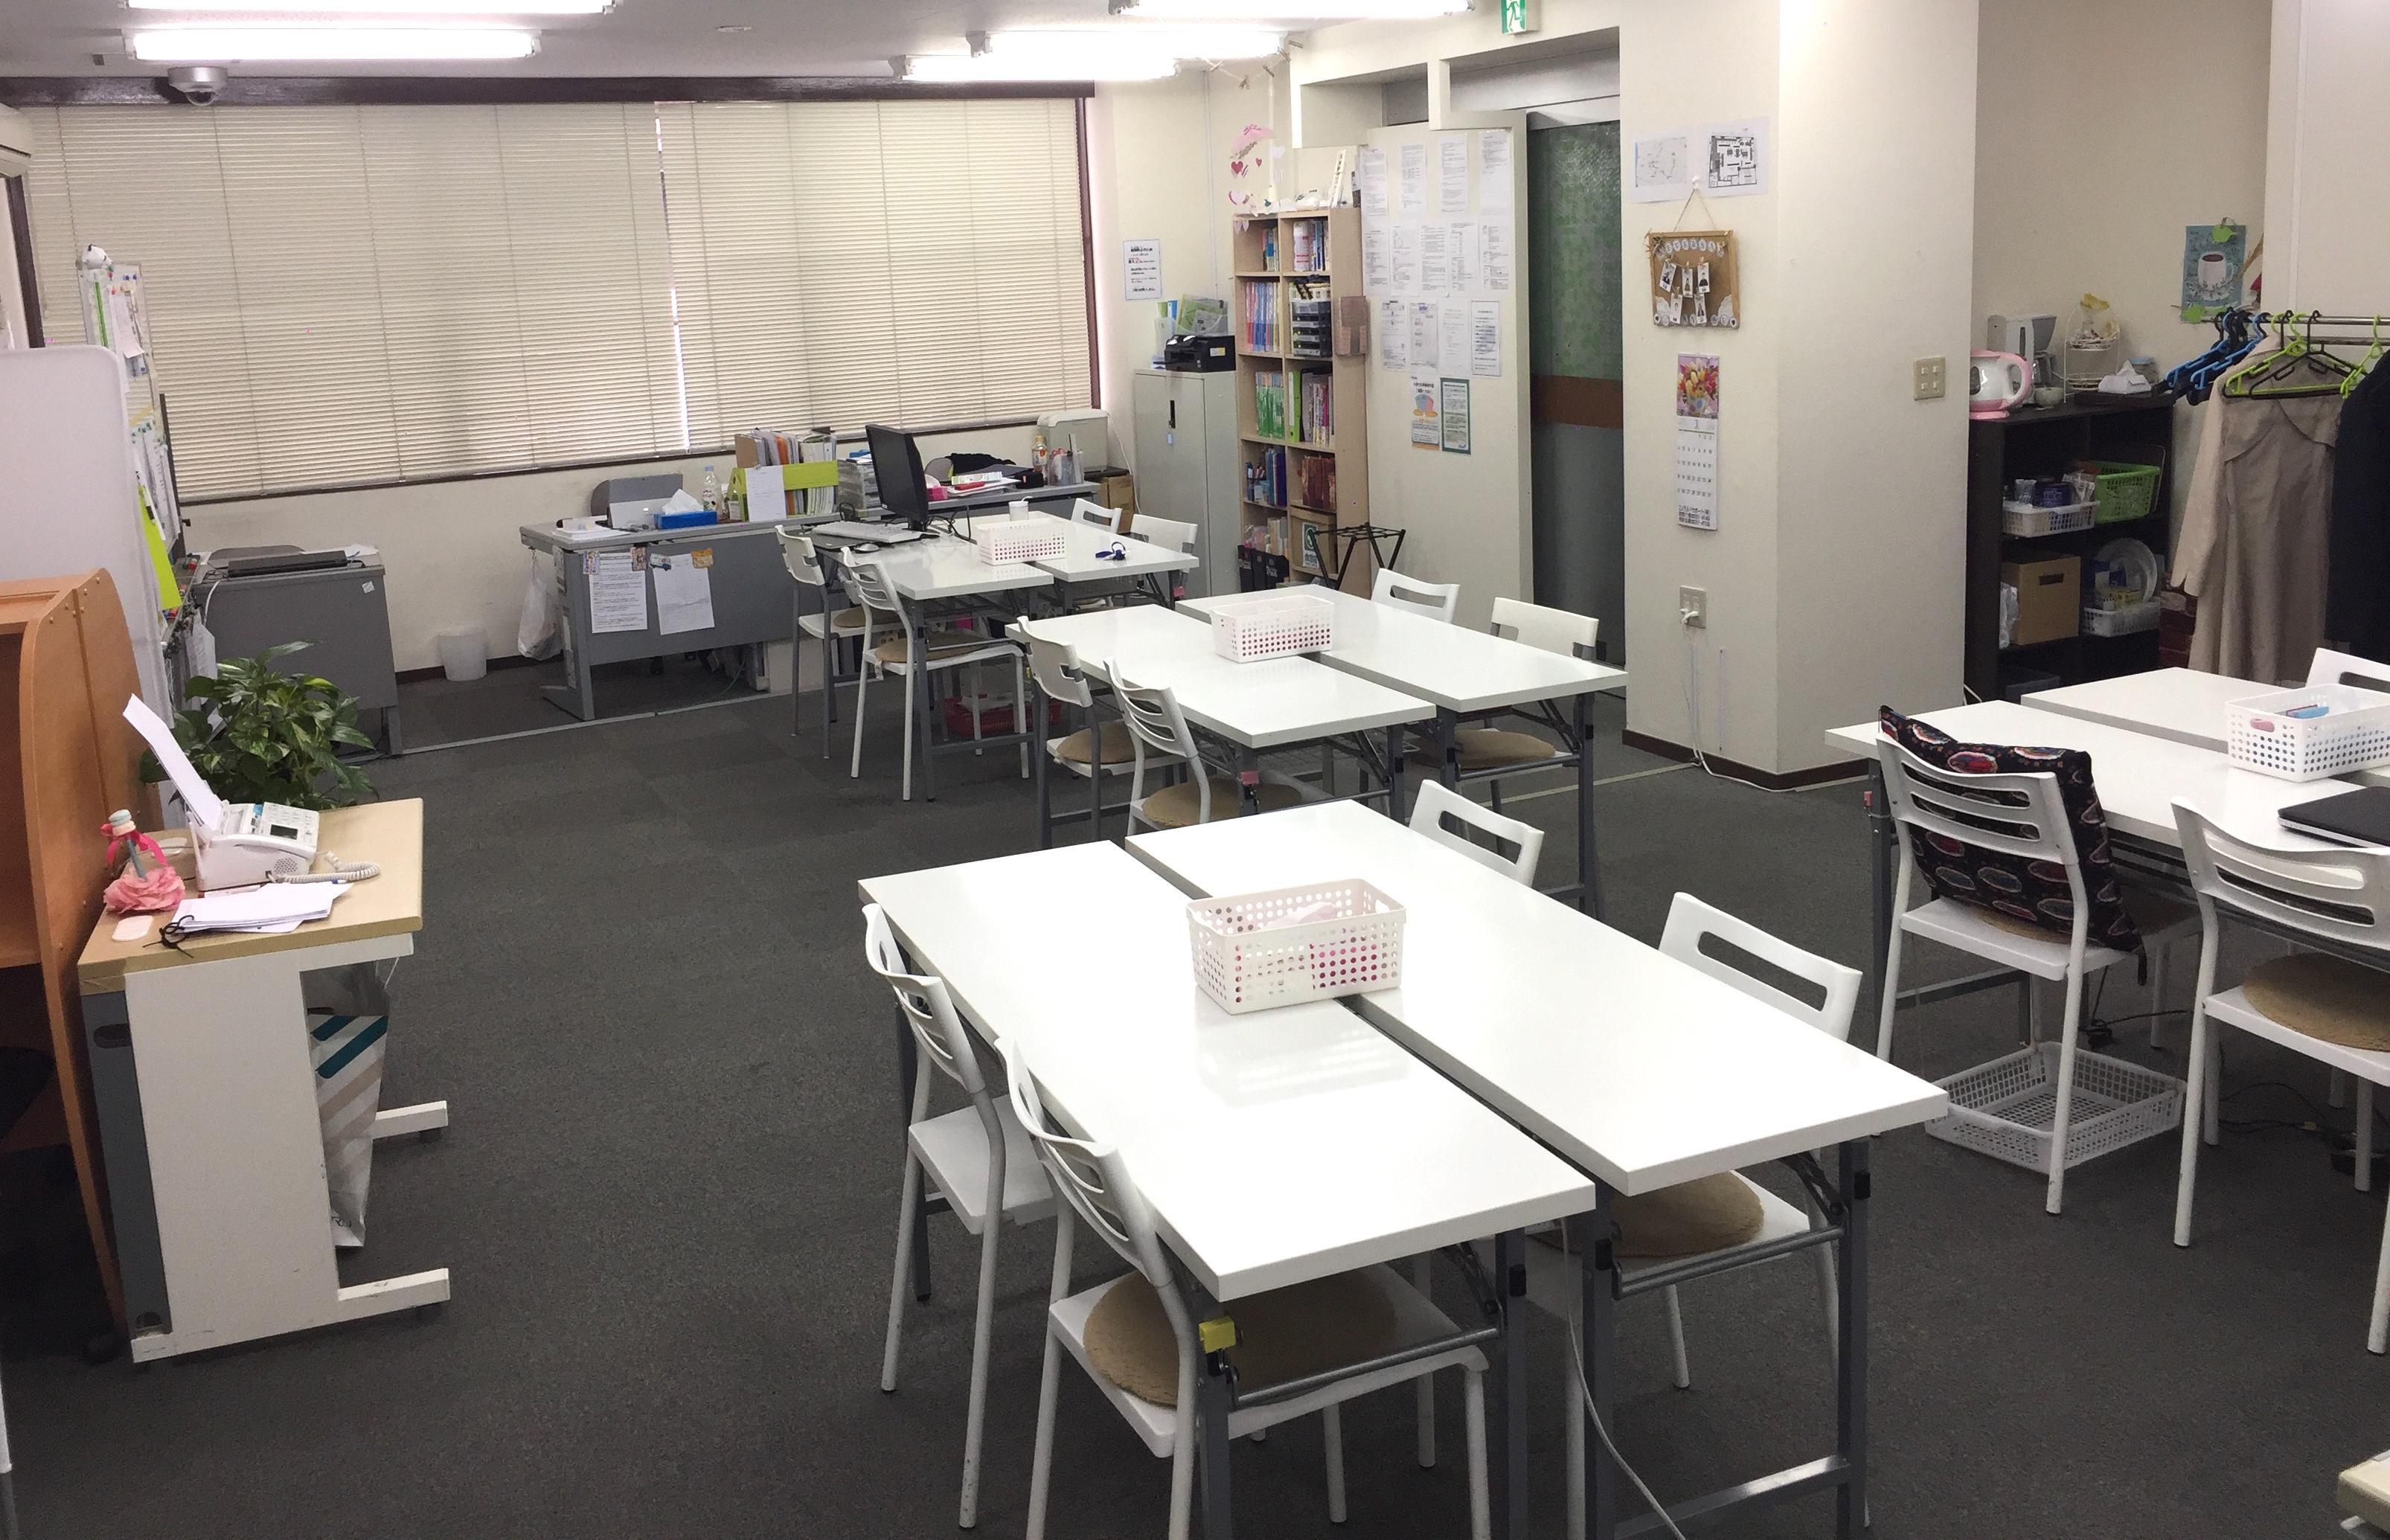 就労移行支援事業所リバーサル 浦安の室内写真